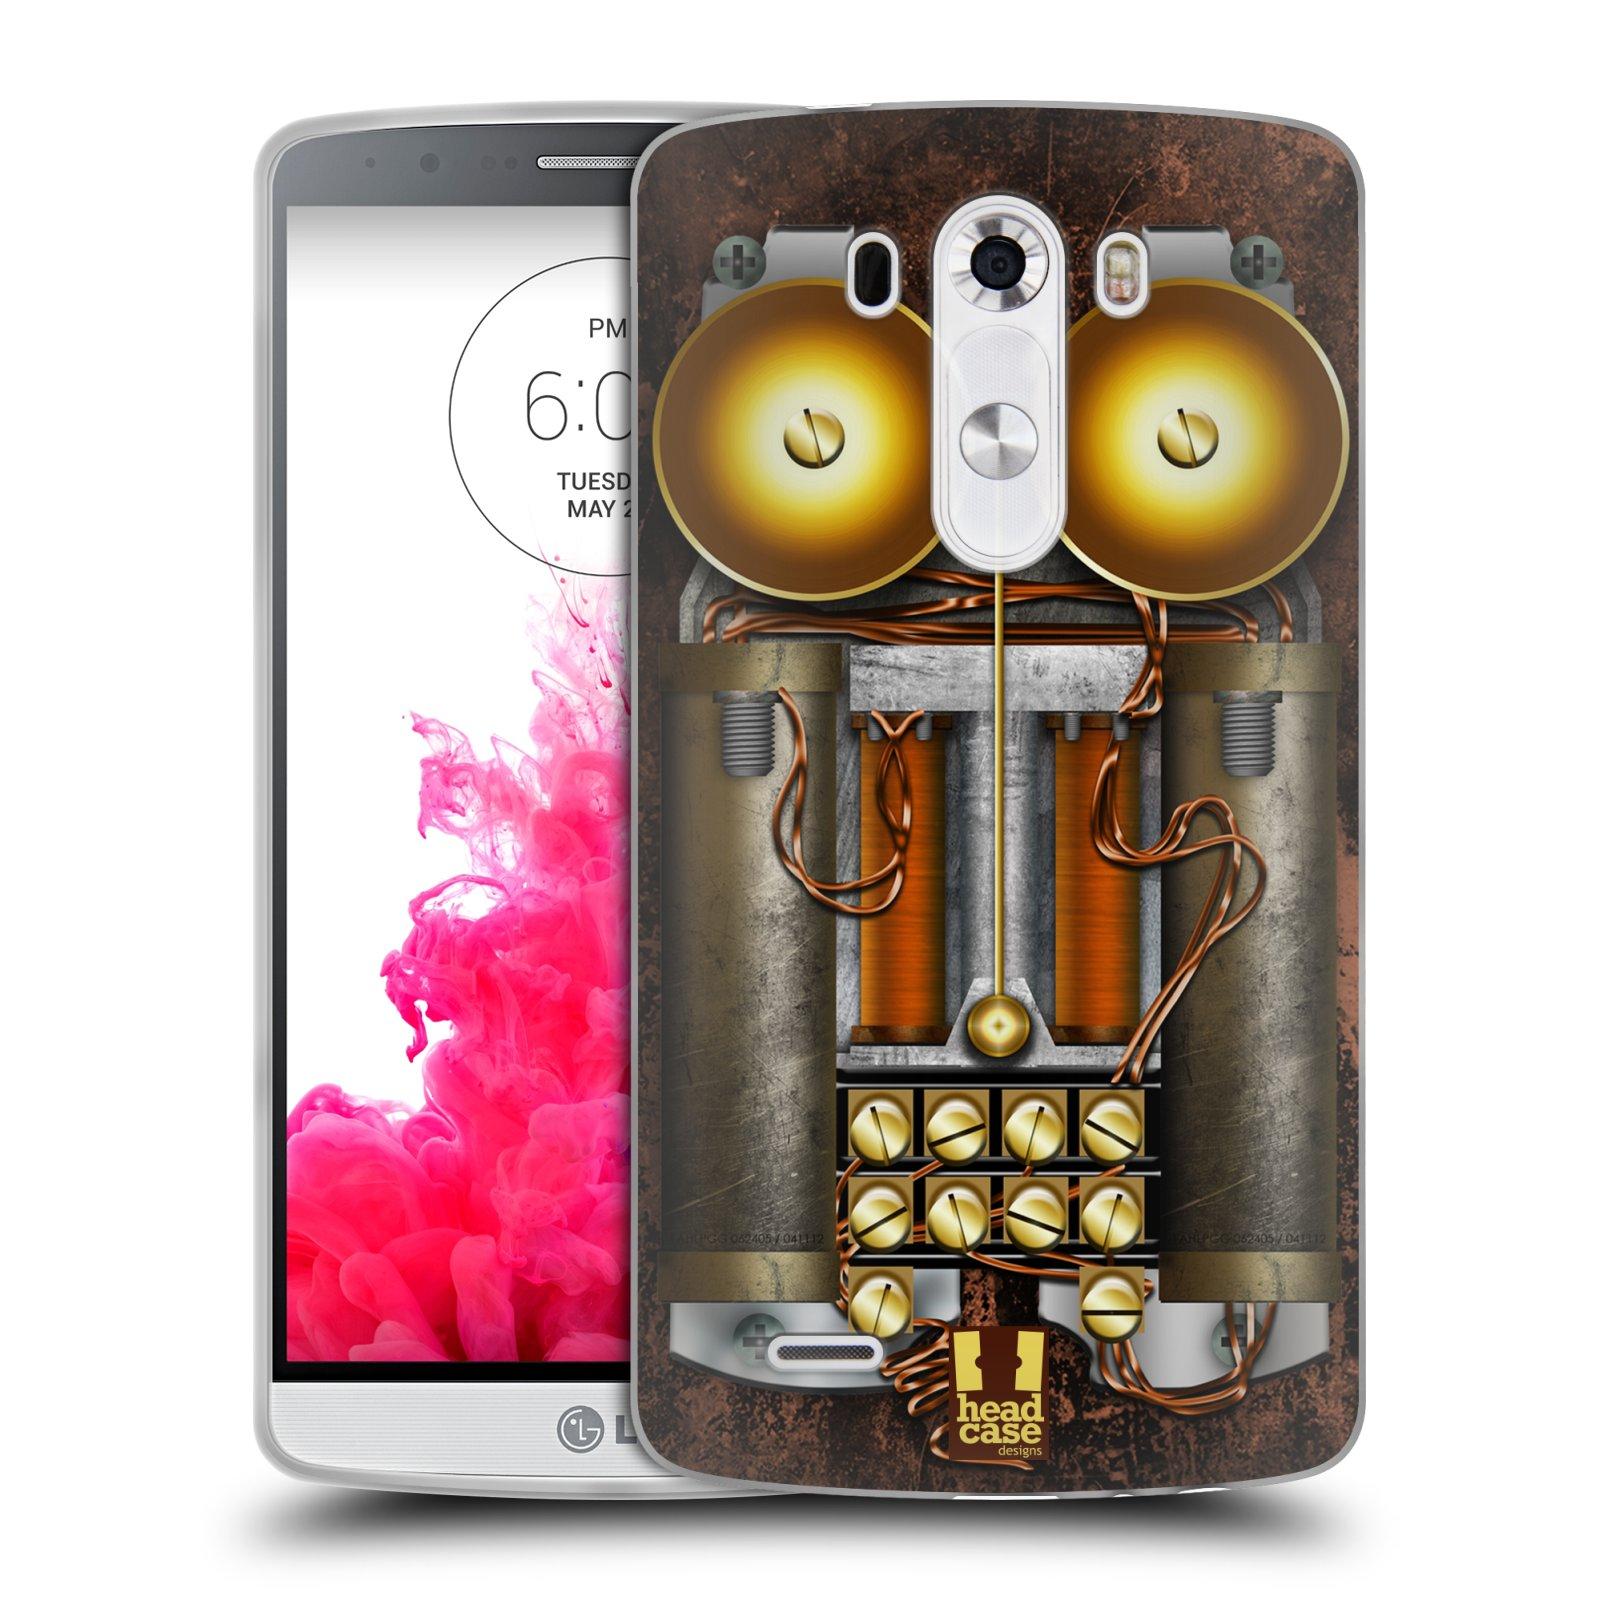 Silikonové pouzdro na mobil LG G3 HEAD CASE STEAMPUNK TELEFON (Silikonový kryt či obal na mobilní telefon LG G3 D855)